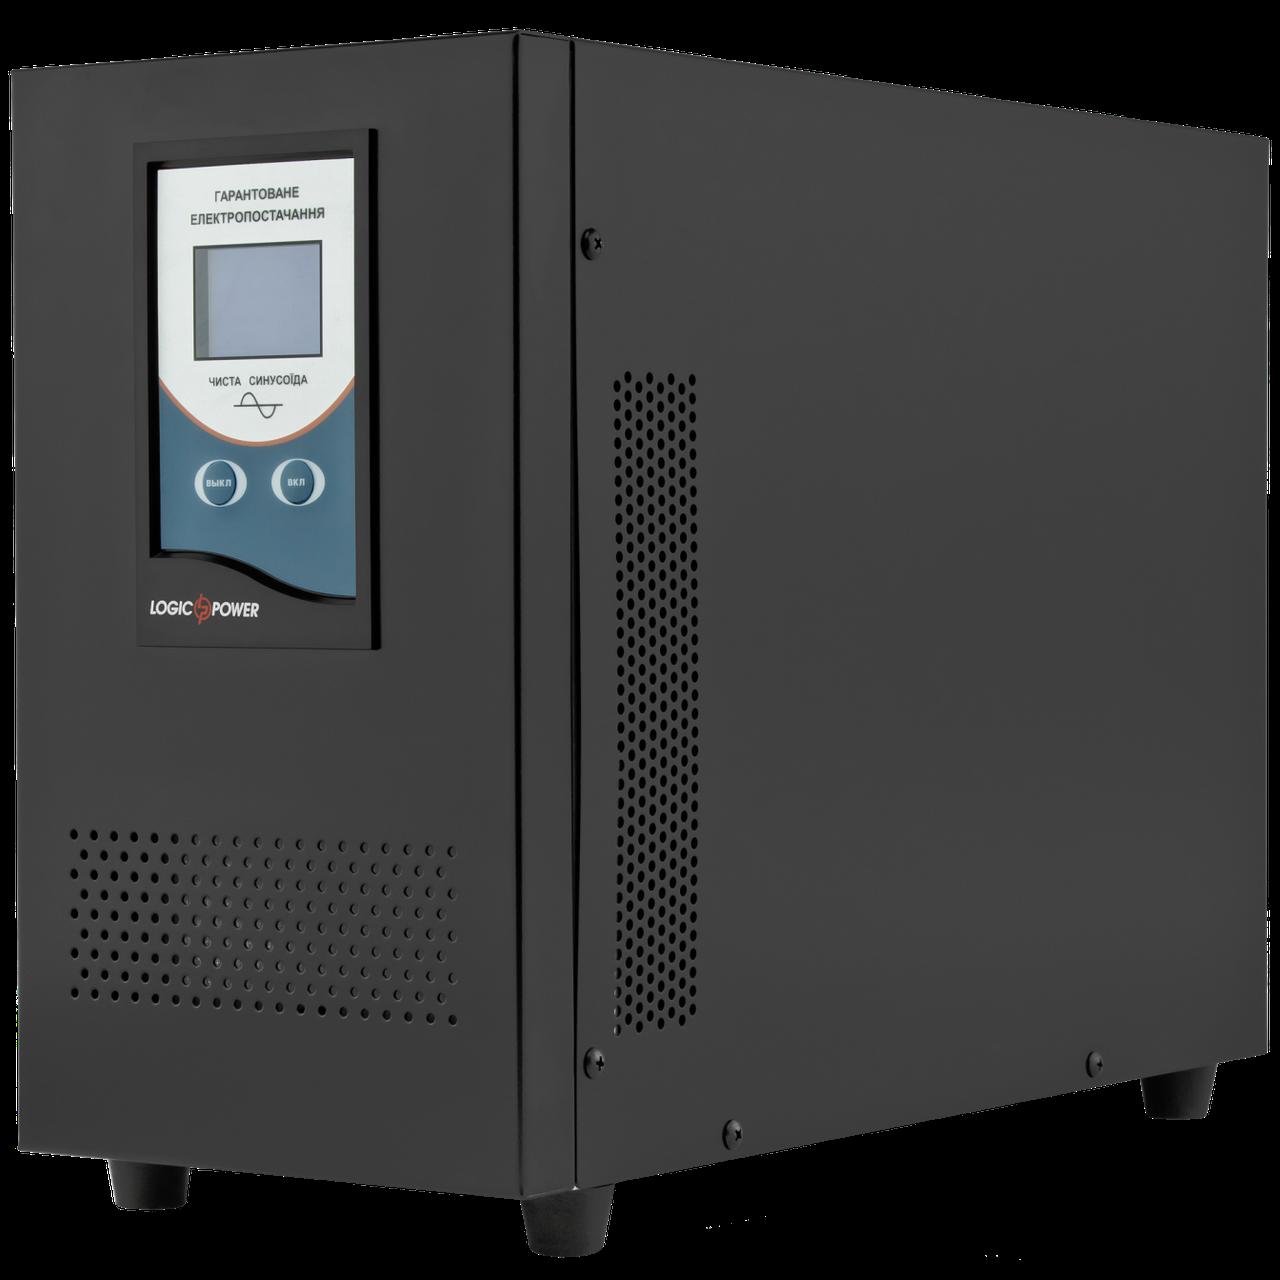 УЦ 3180/1 ИБП Logicpower LPM-PSW-1500VA(1050Вт) с правильной синусоидой 24В